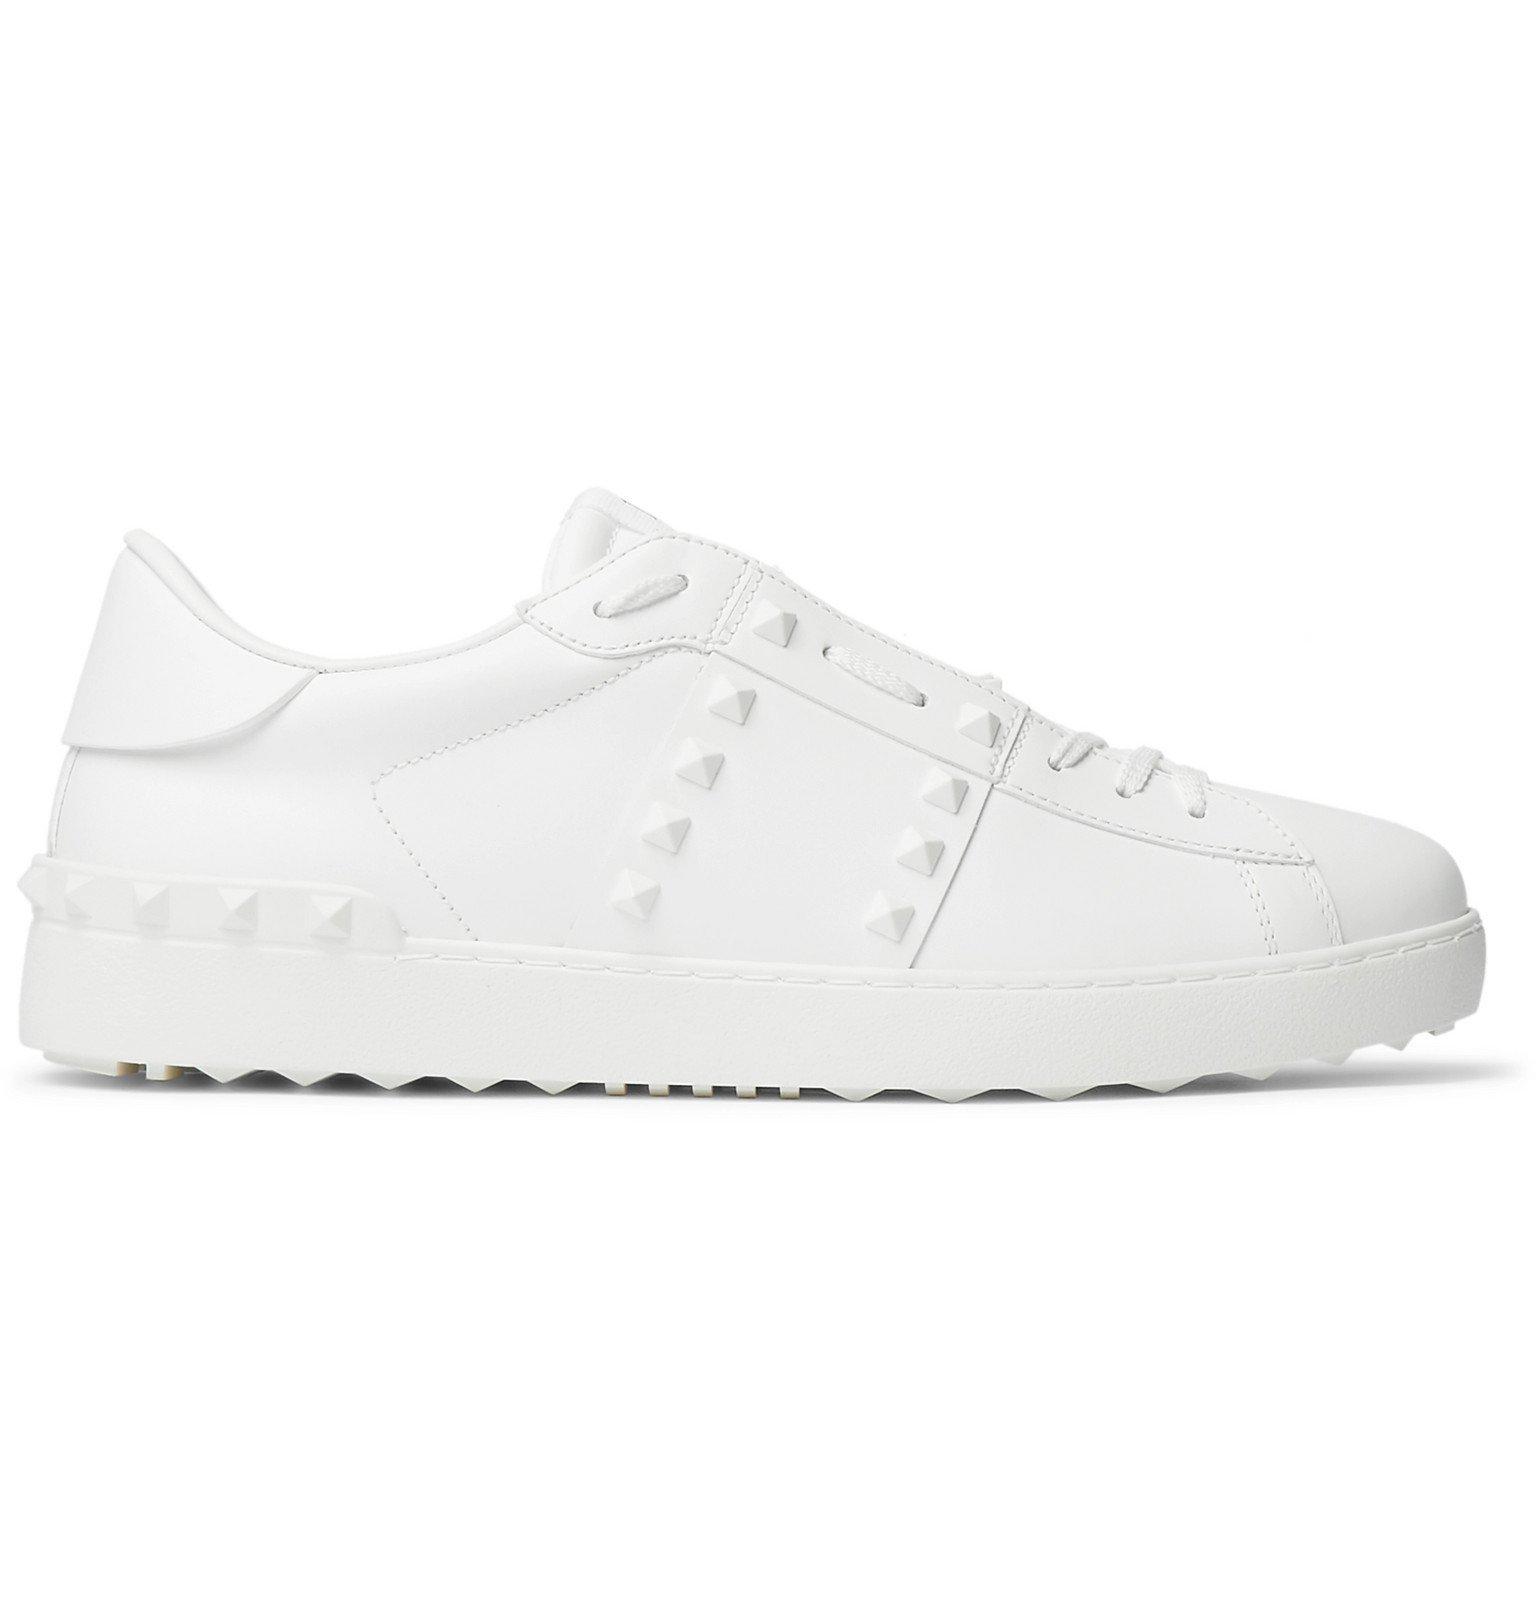 Valentino - Valentino Garavani Open Rockstud Leather Sneakers - White